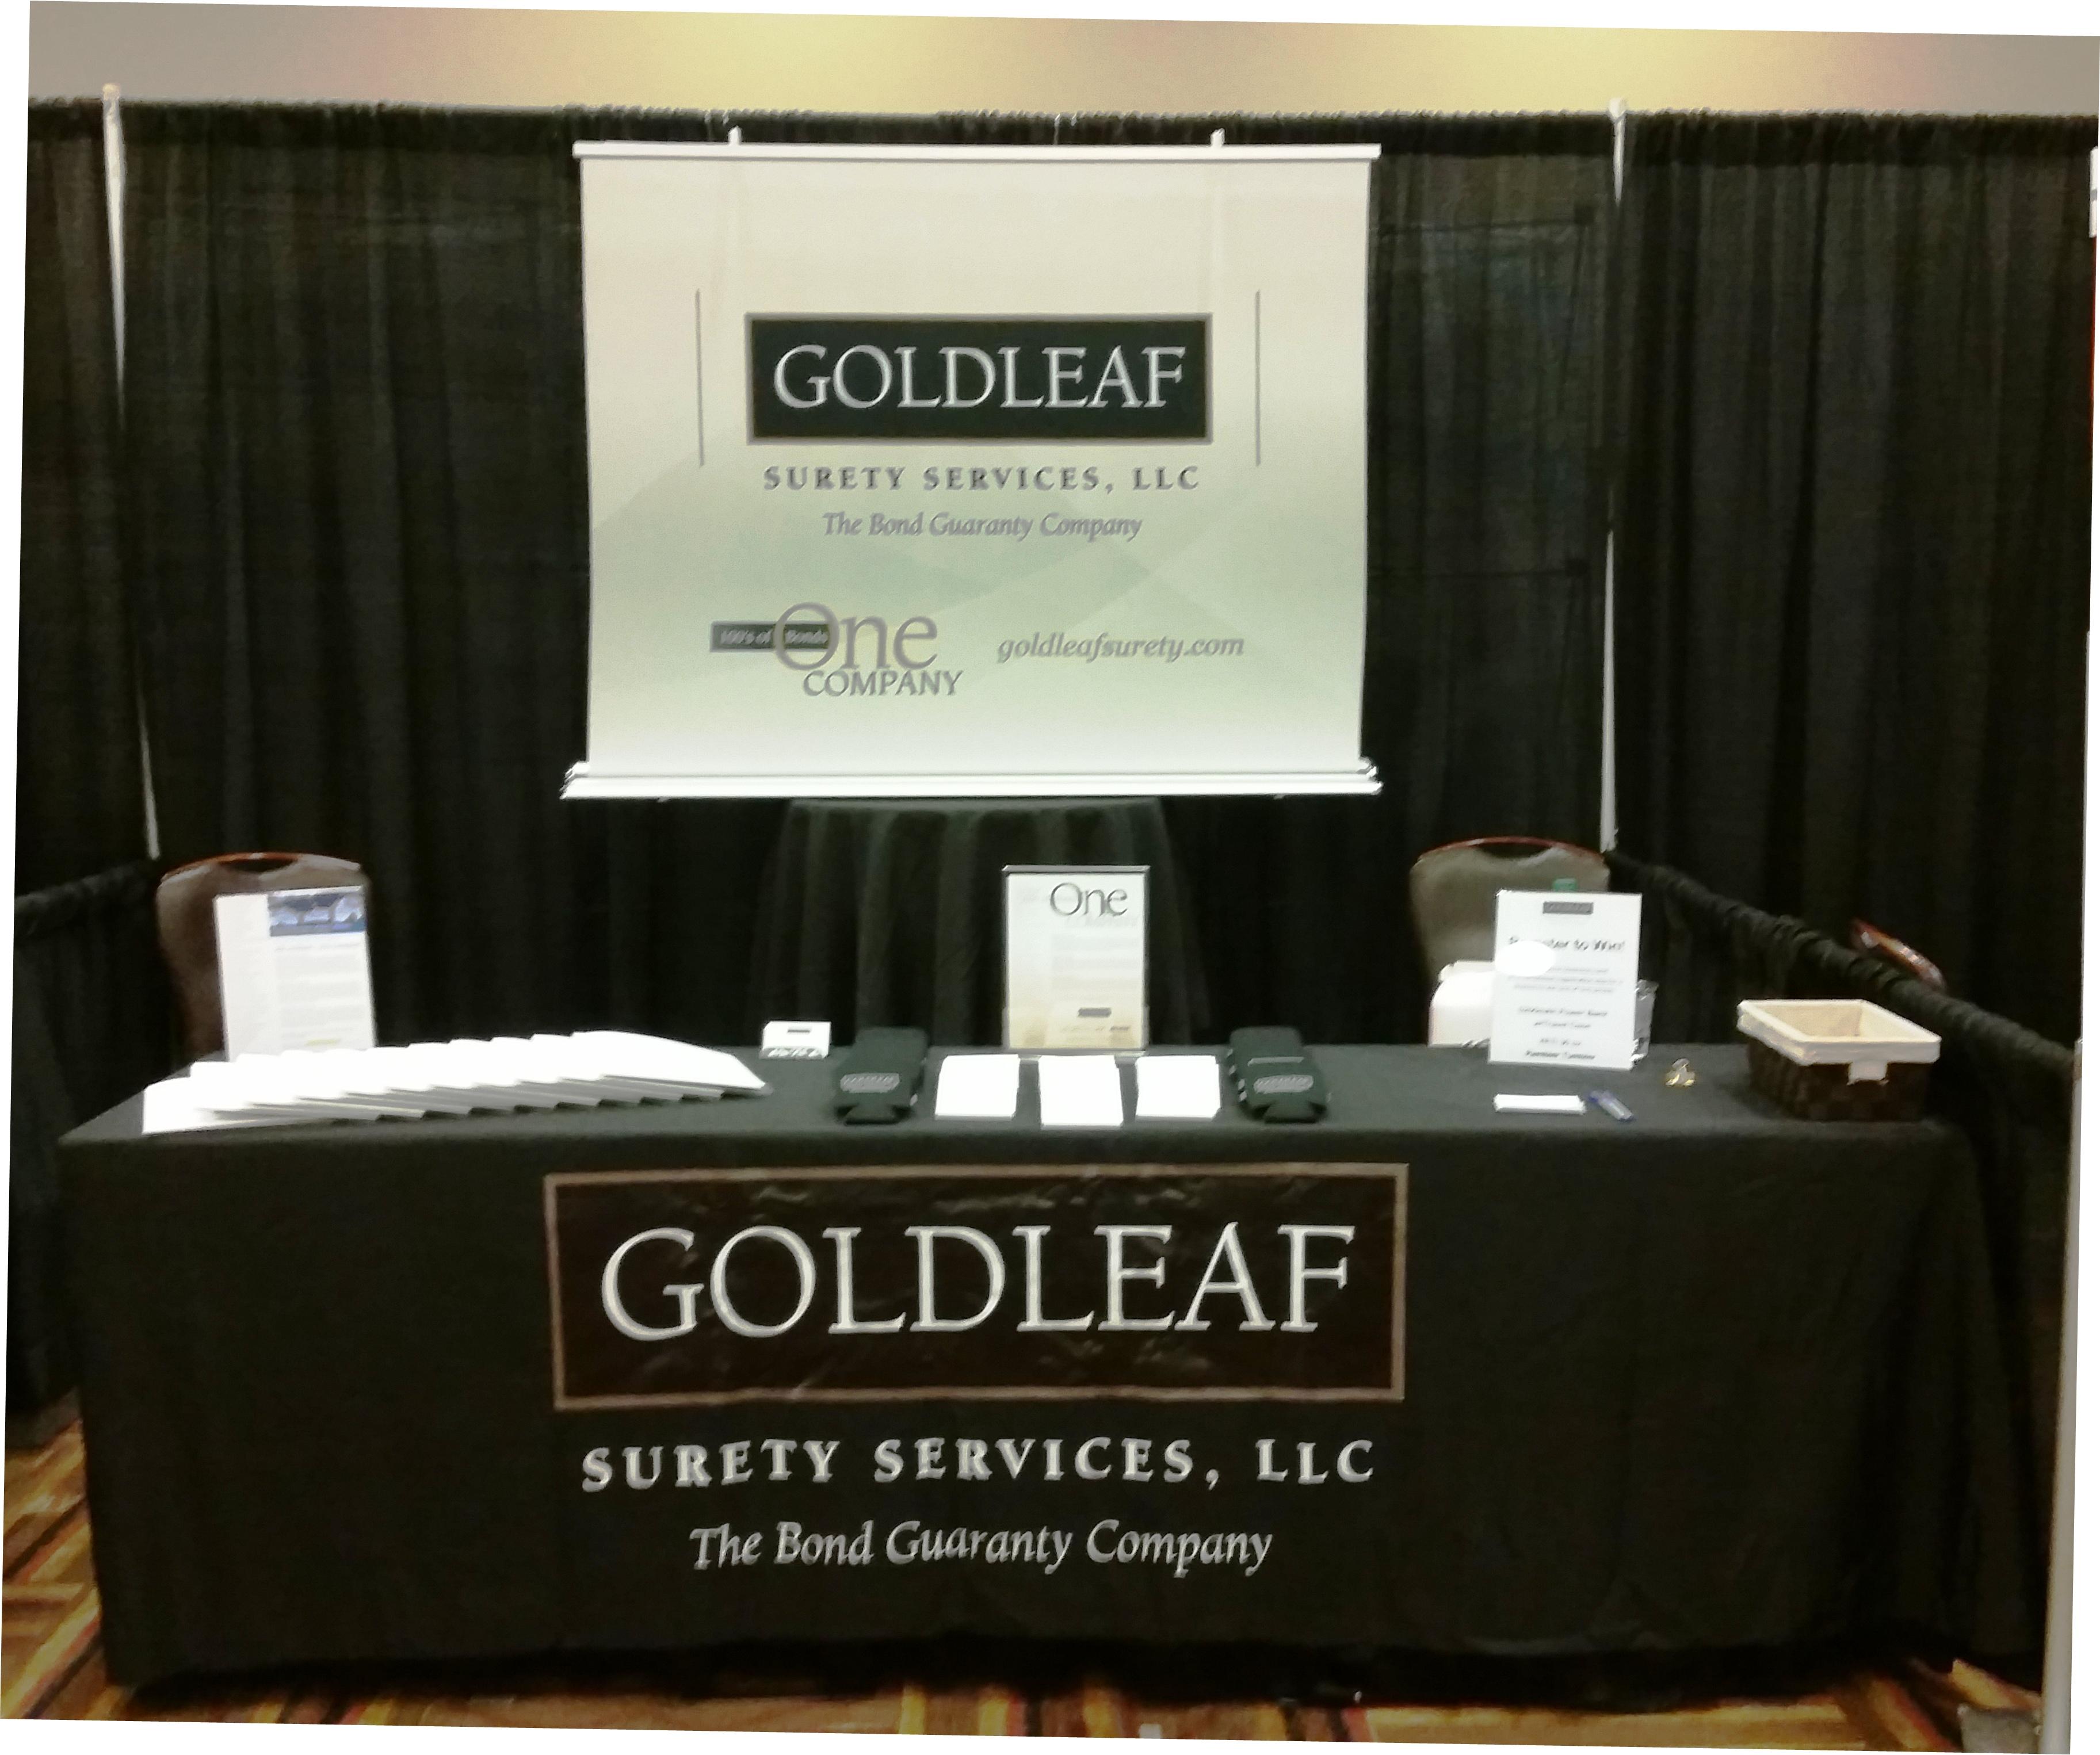 Goldleaf Surety Services, LLC image 1